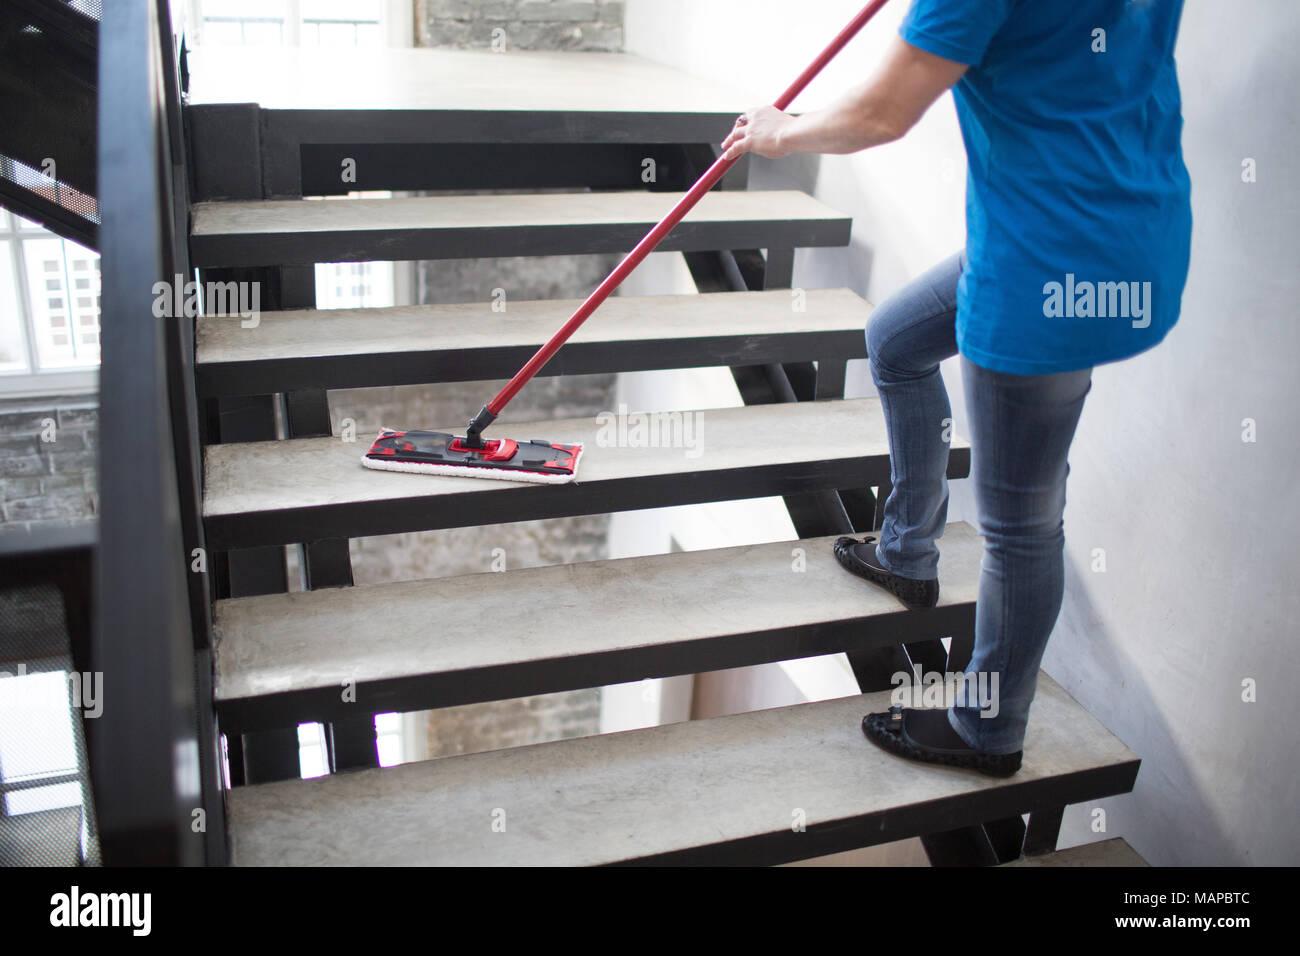 Concepto de servicio de limpieza Imagen De Stock